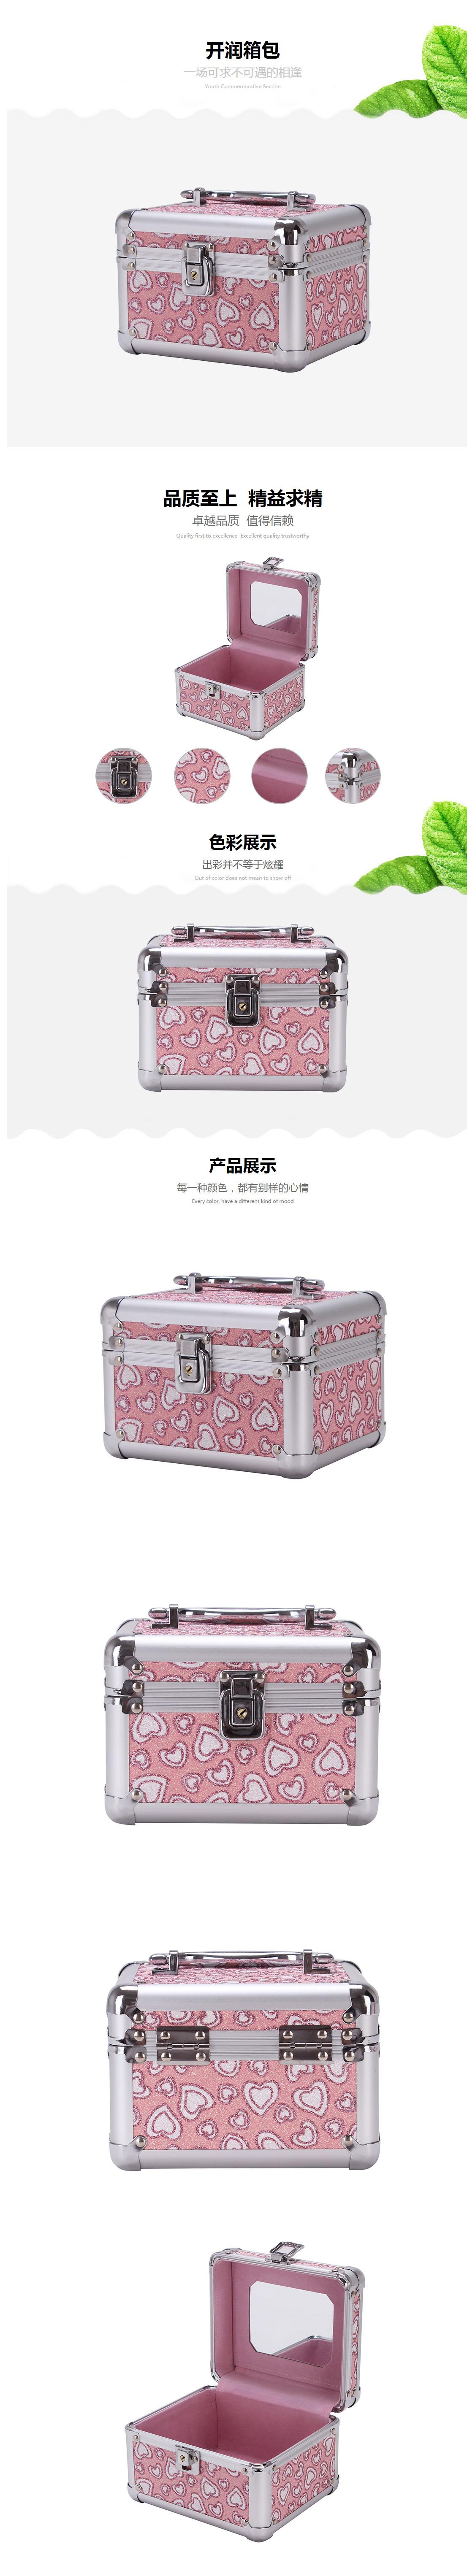 旅行化妆箱产品展示